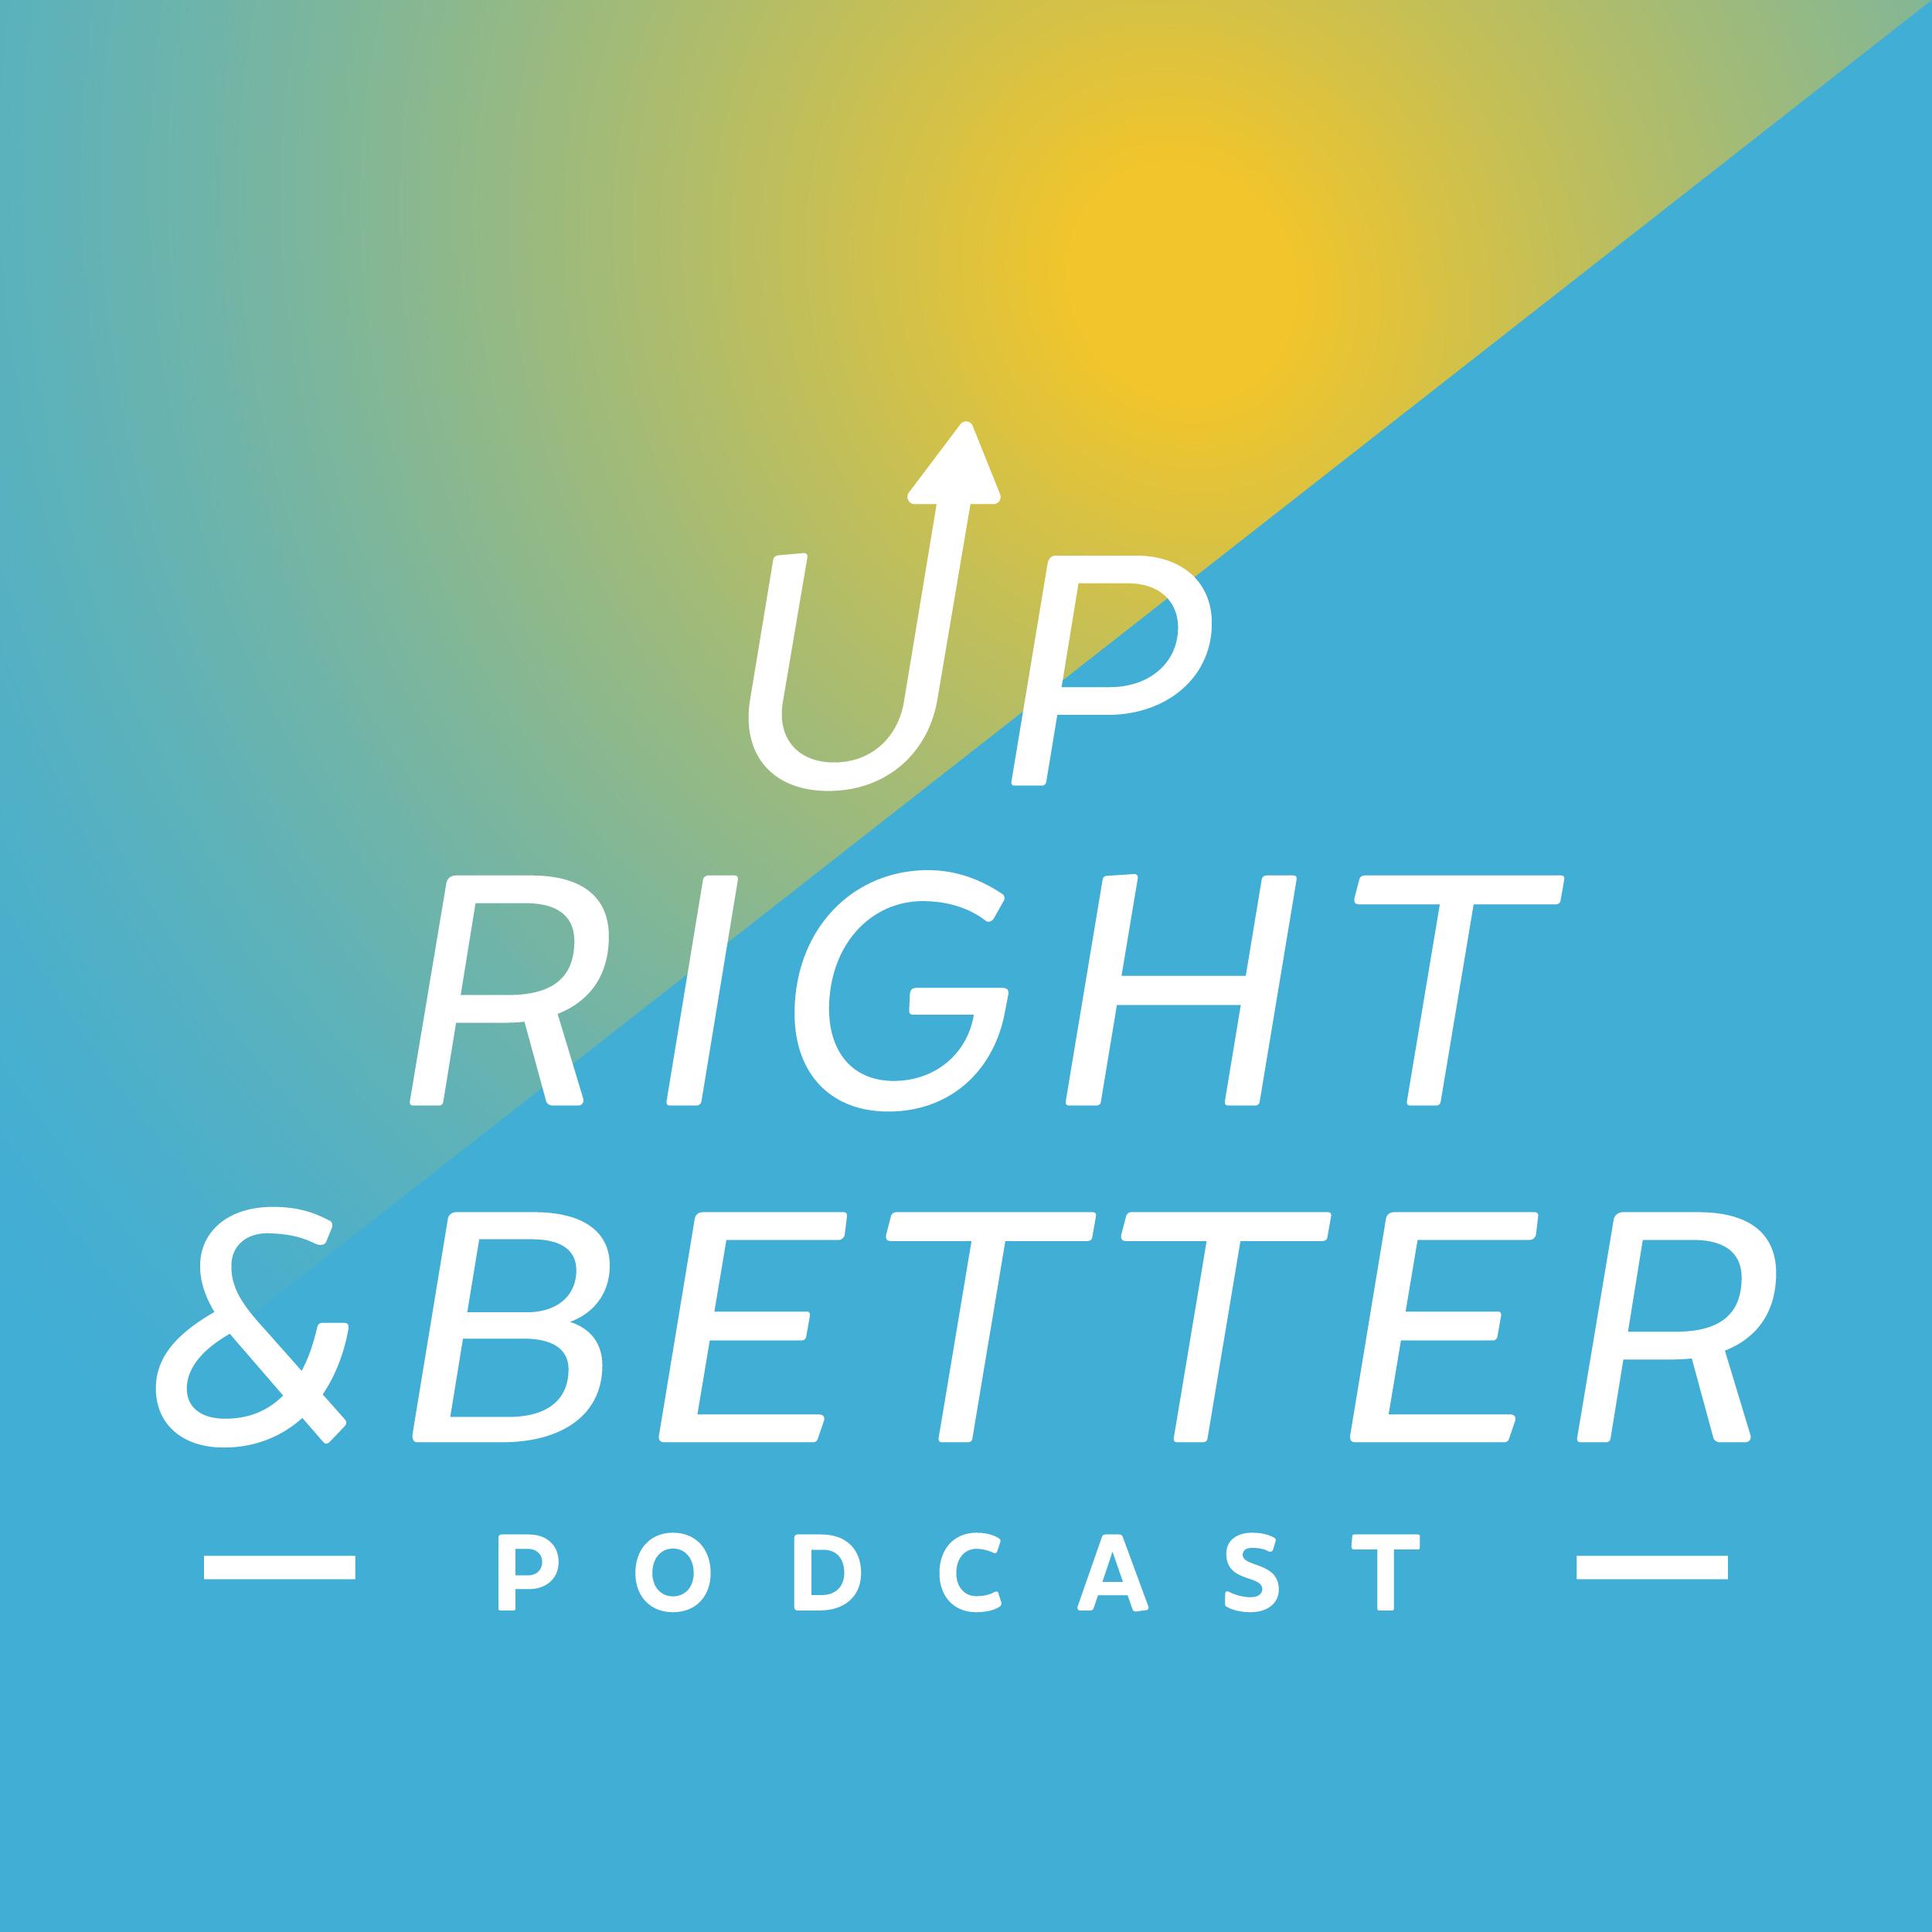 UpRightBetter_podcast_graphic.jpg